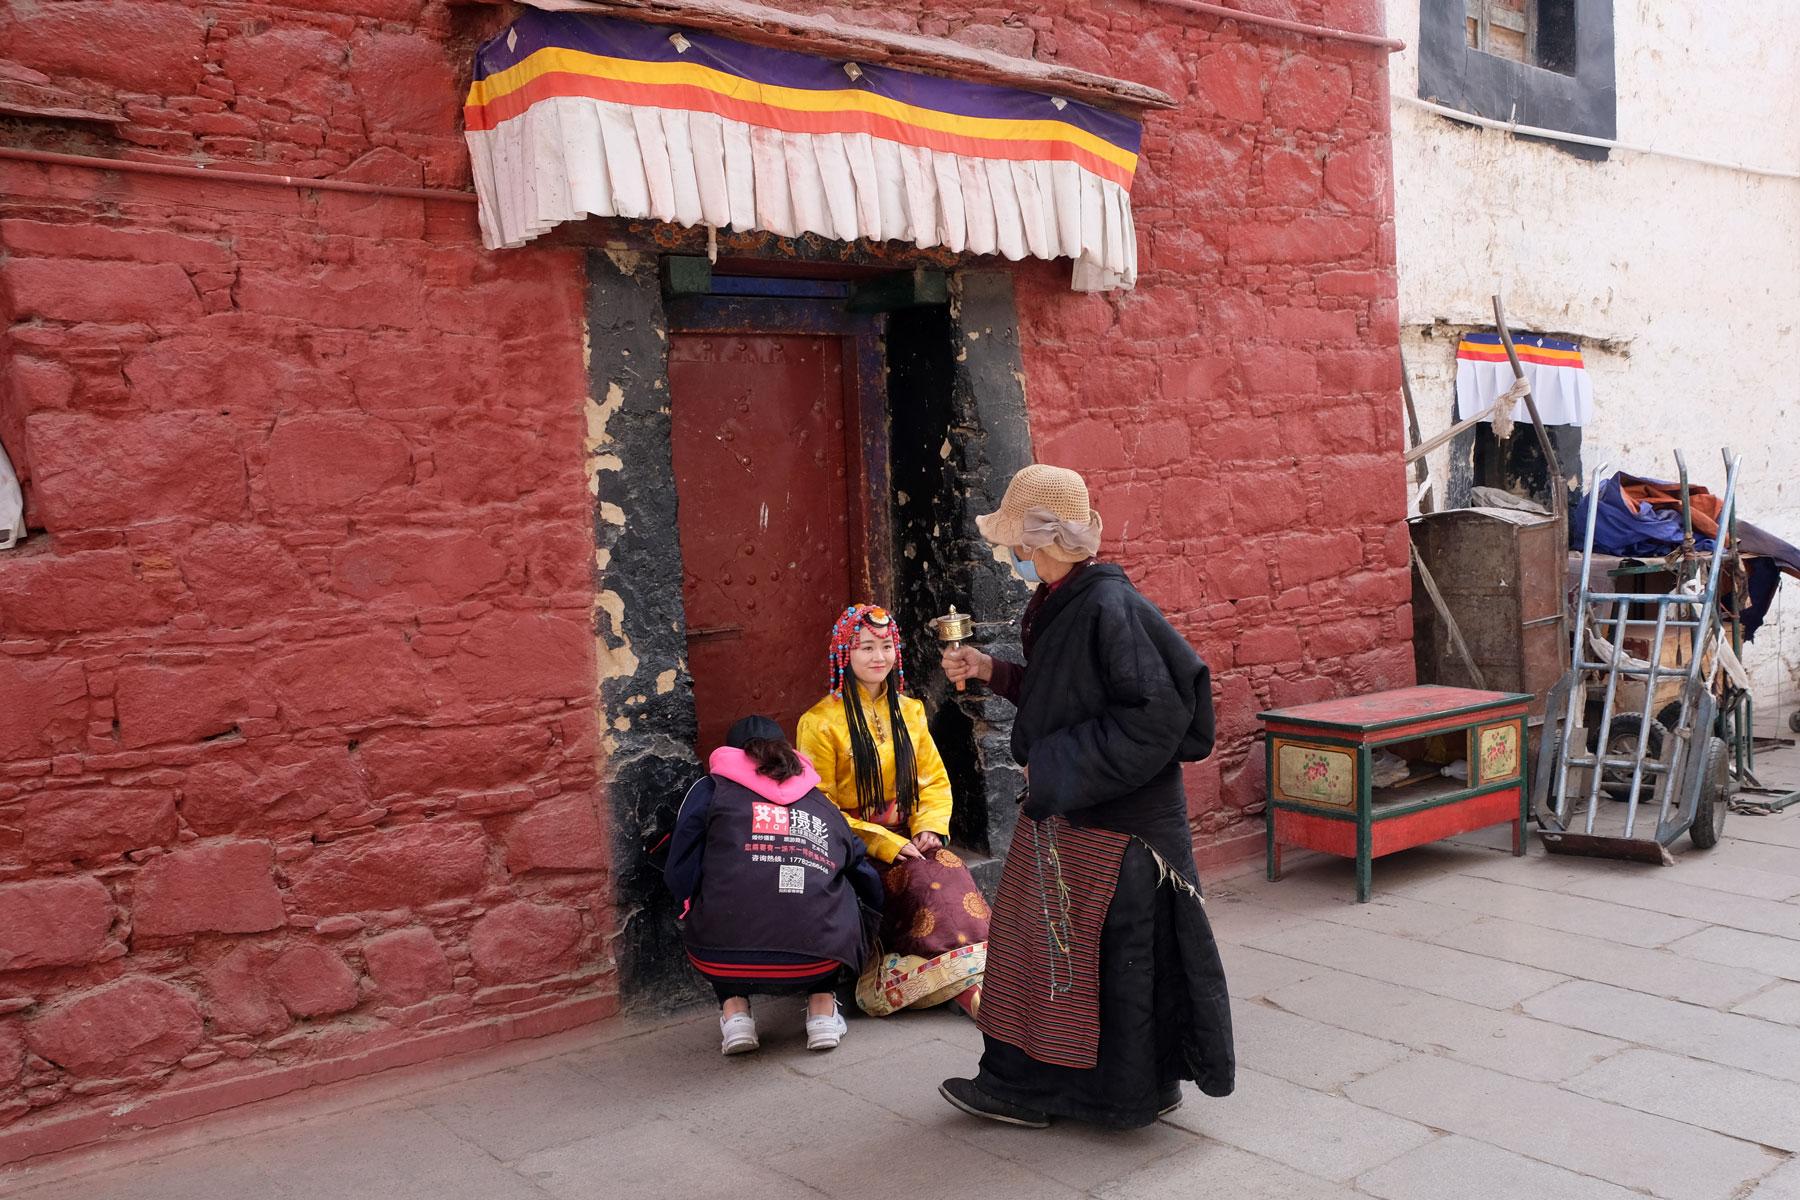 Eine Tibeterin läuft an einem Fotoshooting vorbei, bei dem sich eine Han-Chinesin in tibetischer Kleidung fotografieren lässt.